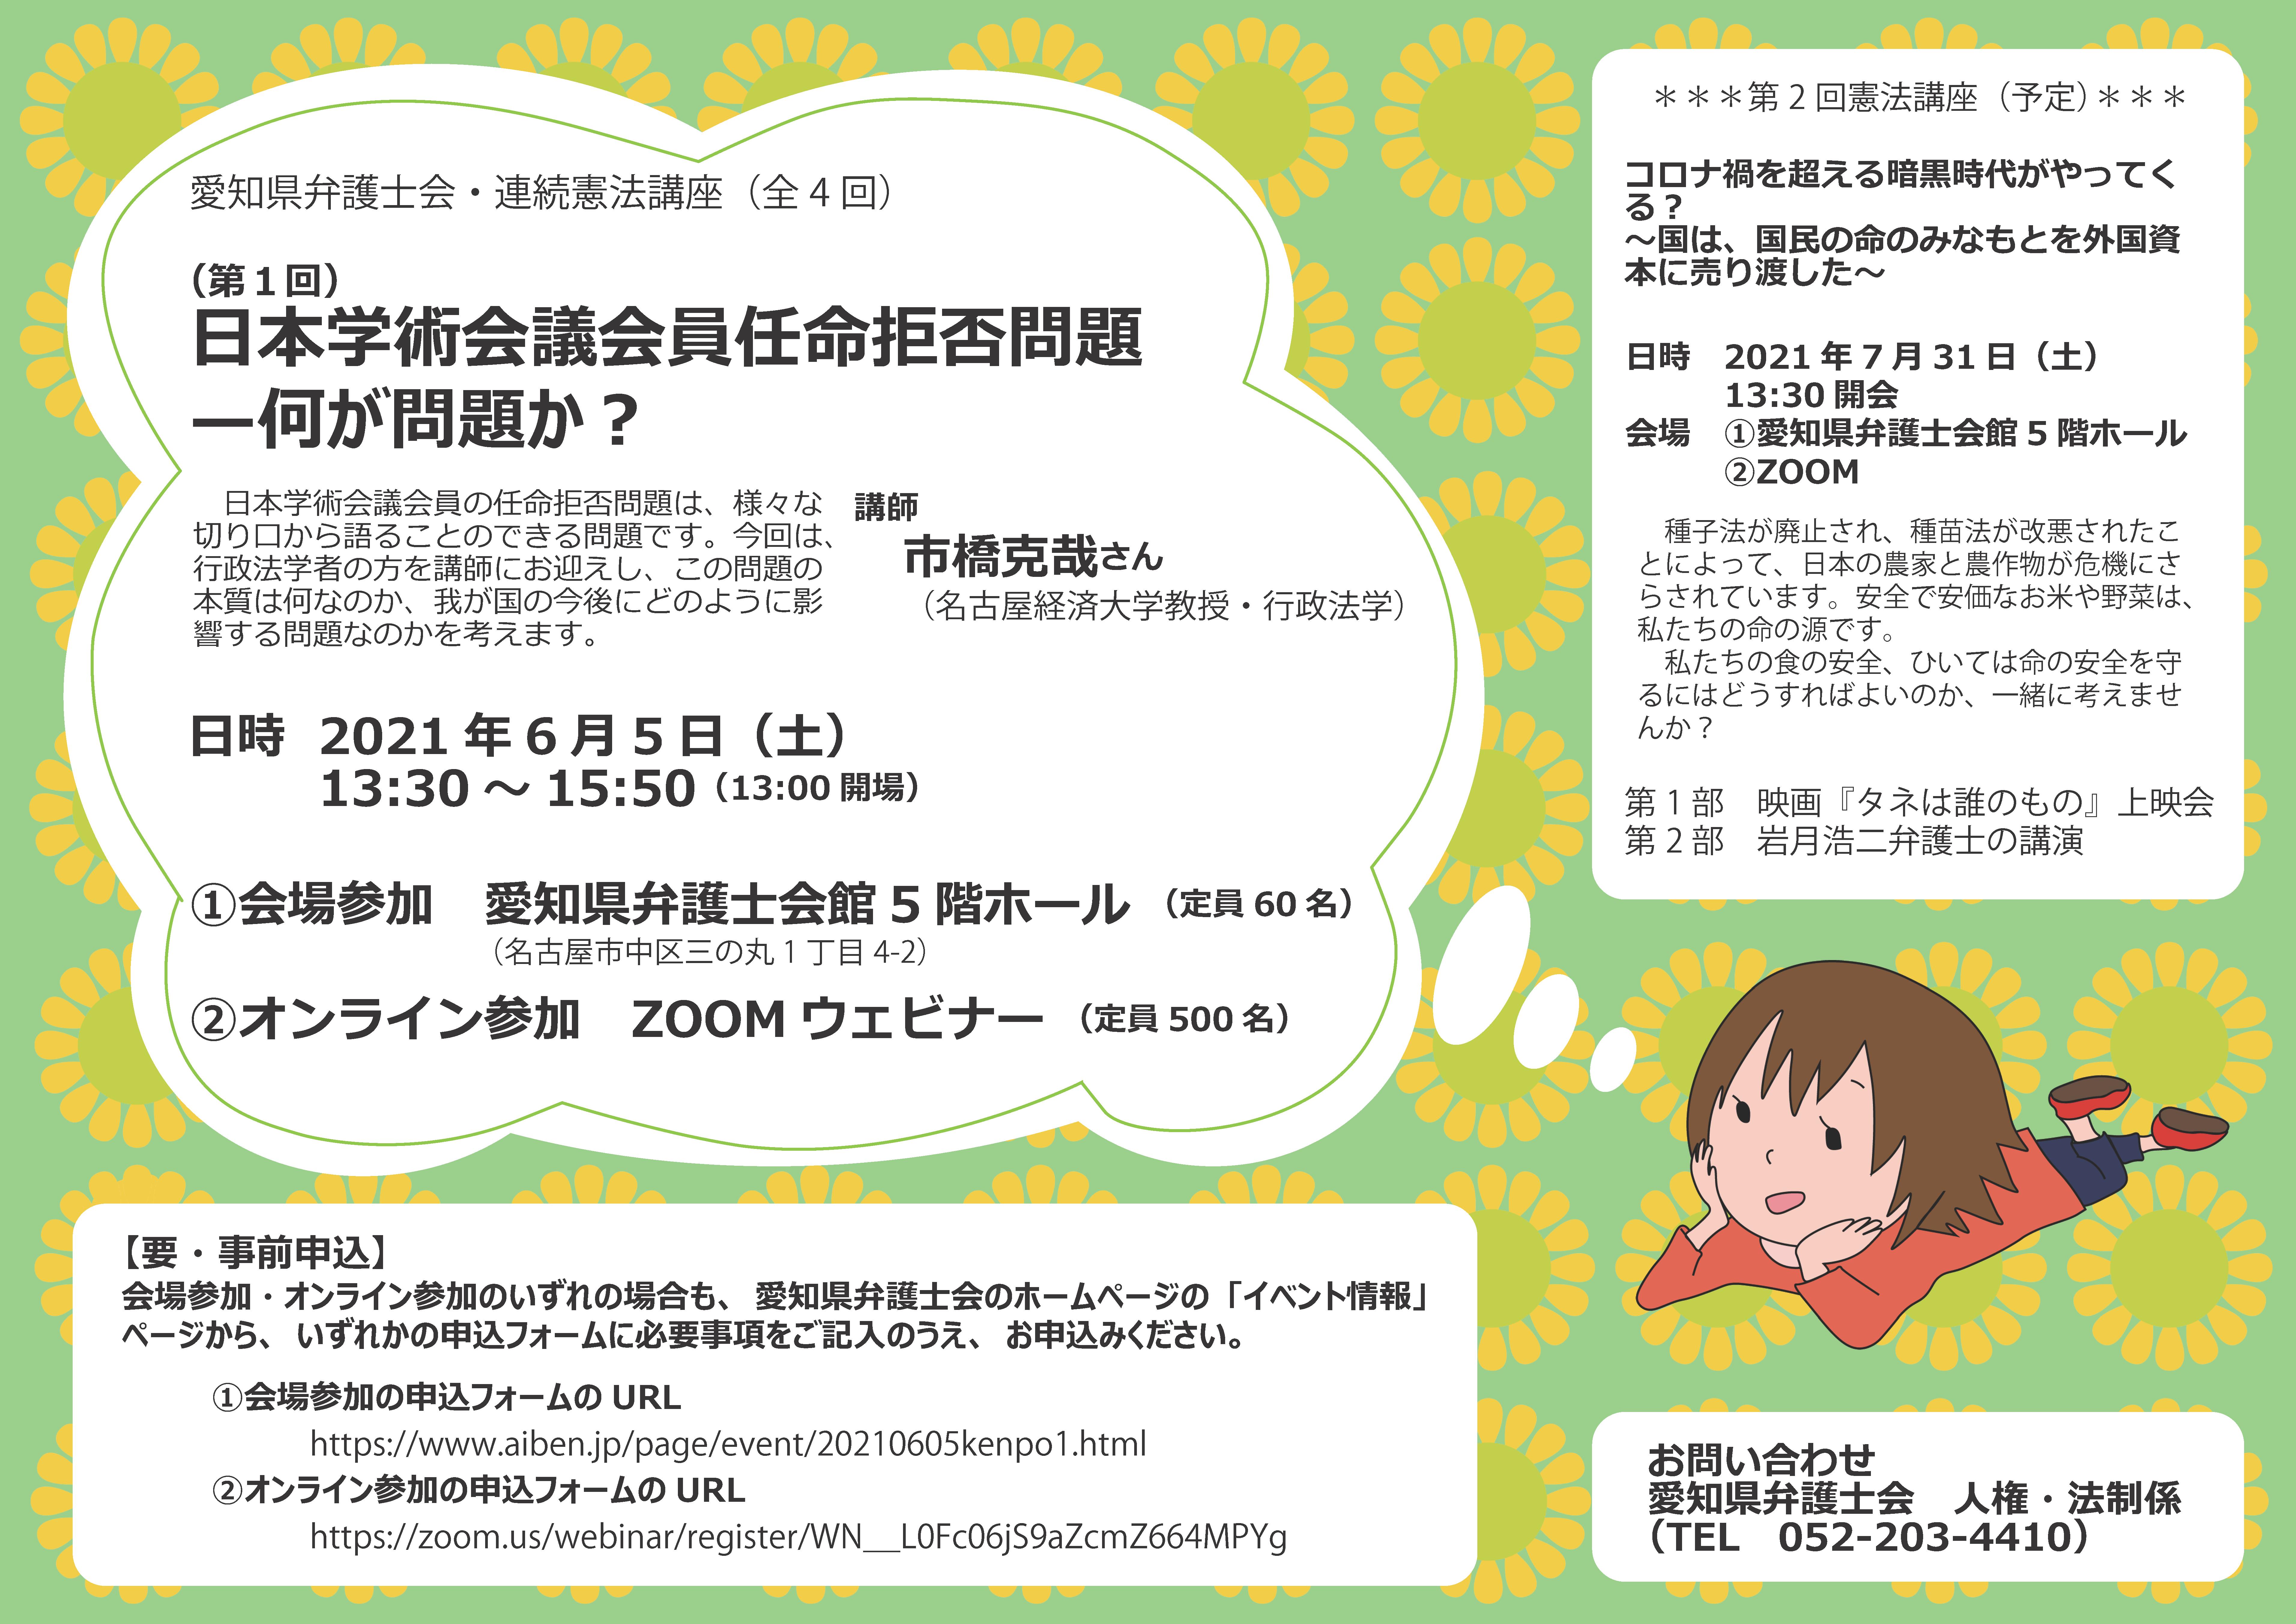 愛弁憲法講座ちらし210416-2.png